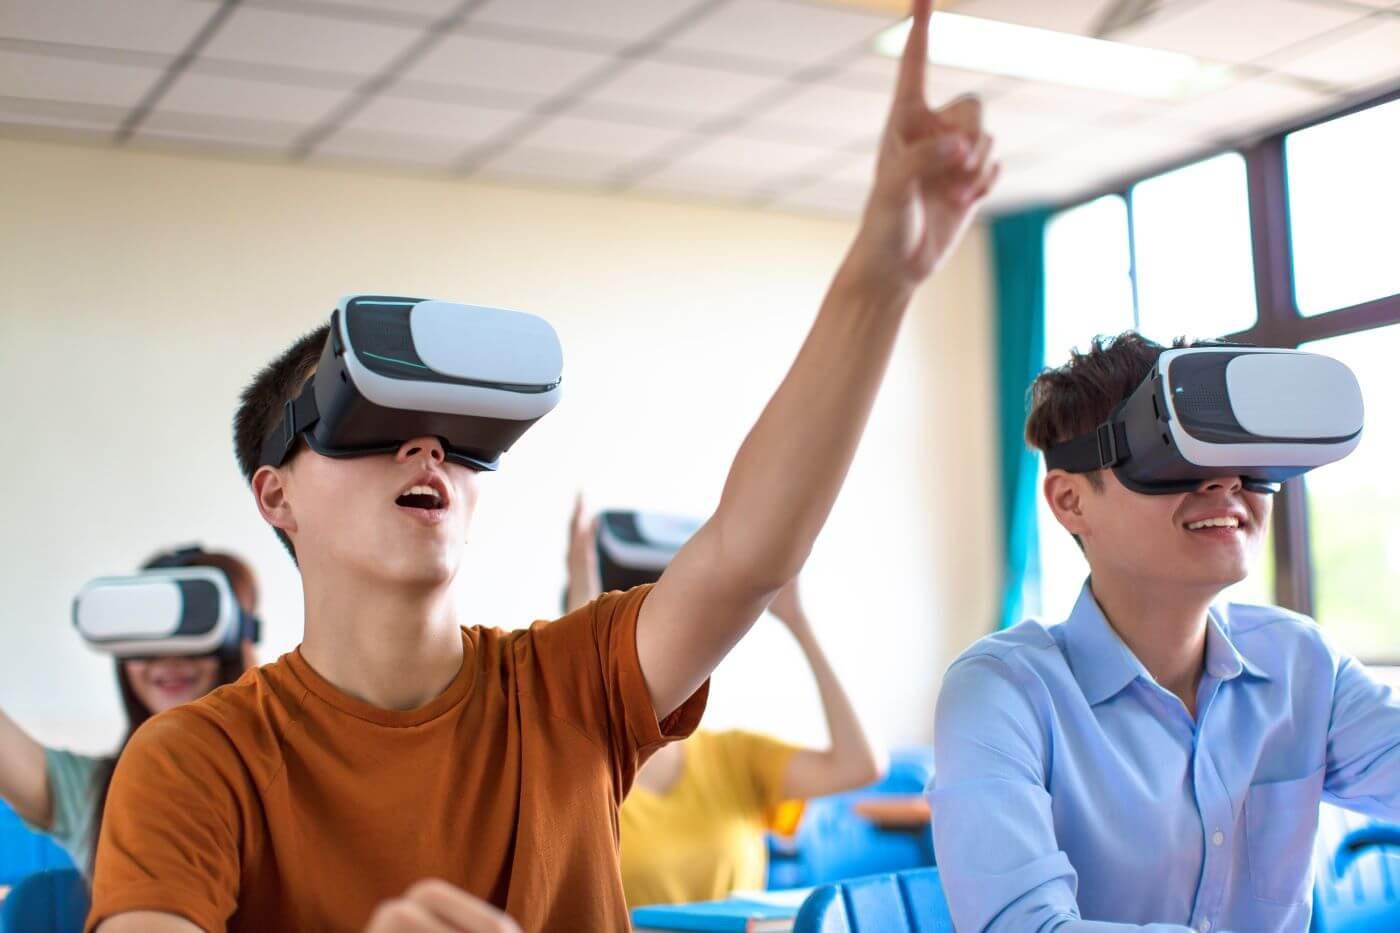 Ứng dụng công nghệ thực tế ảo: Xu thế đào tạo mới trong kỷ nguyên 4.0